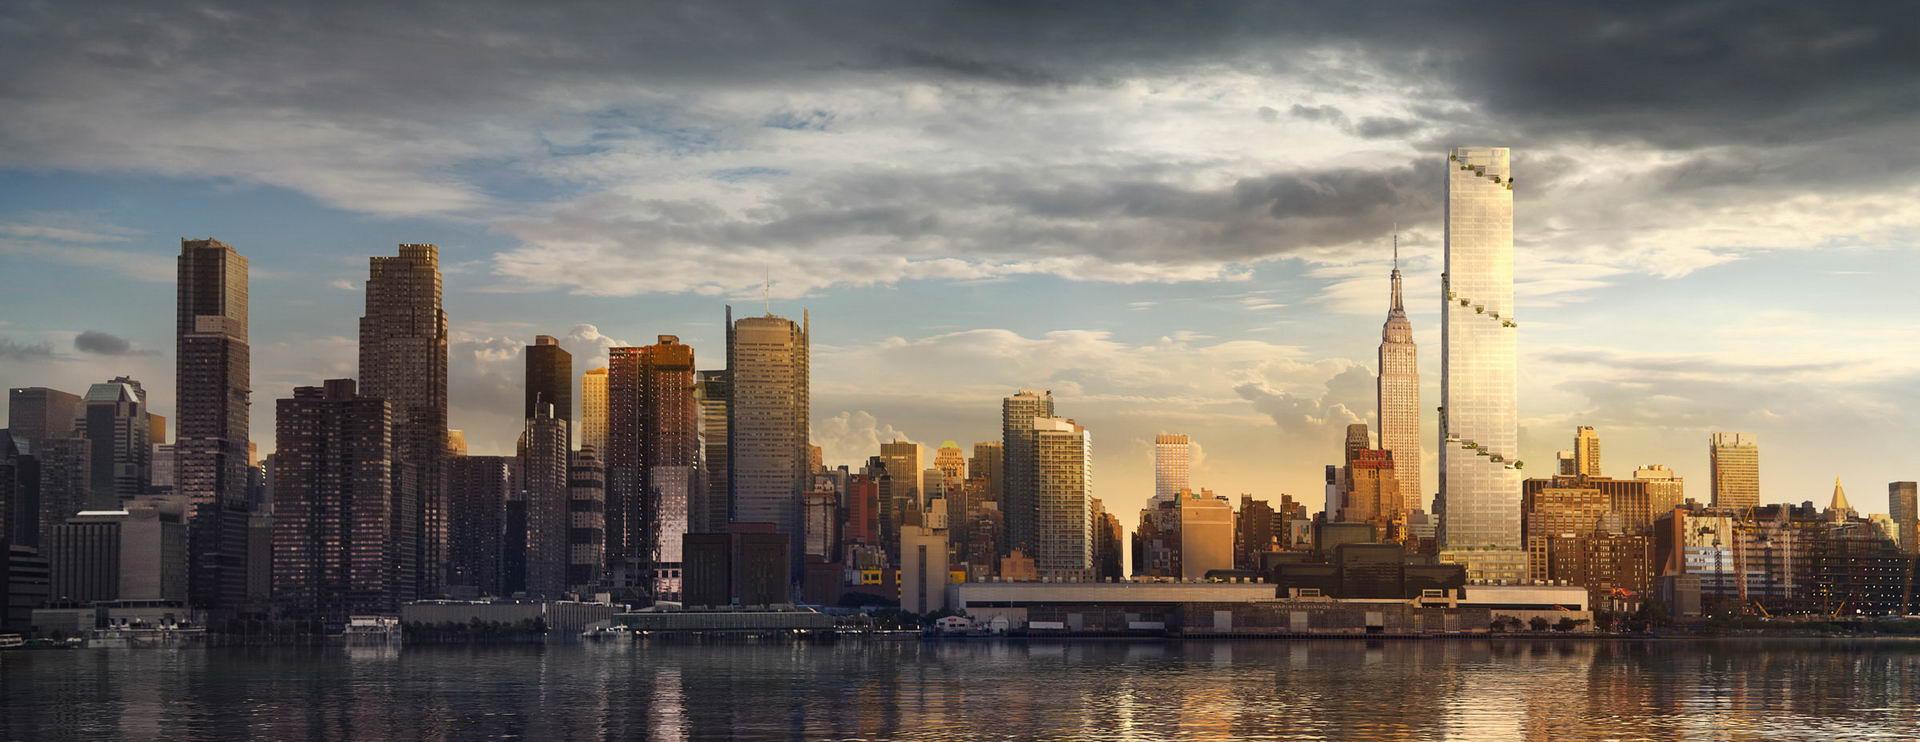 Dự Án Cao Ốc Văn Phòng The Spiral, Khu Manhattan, New York, Usa